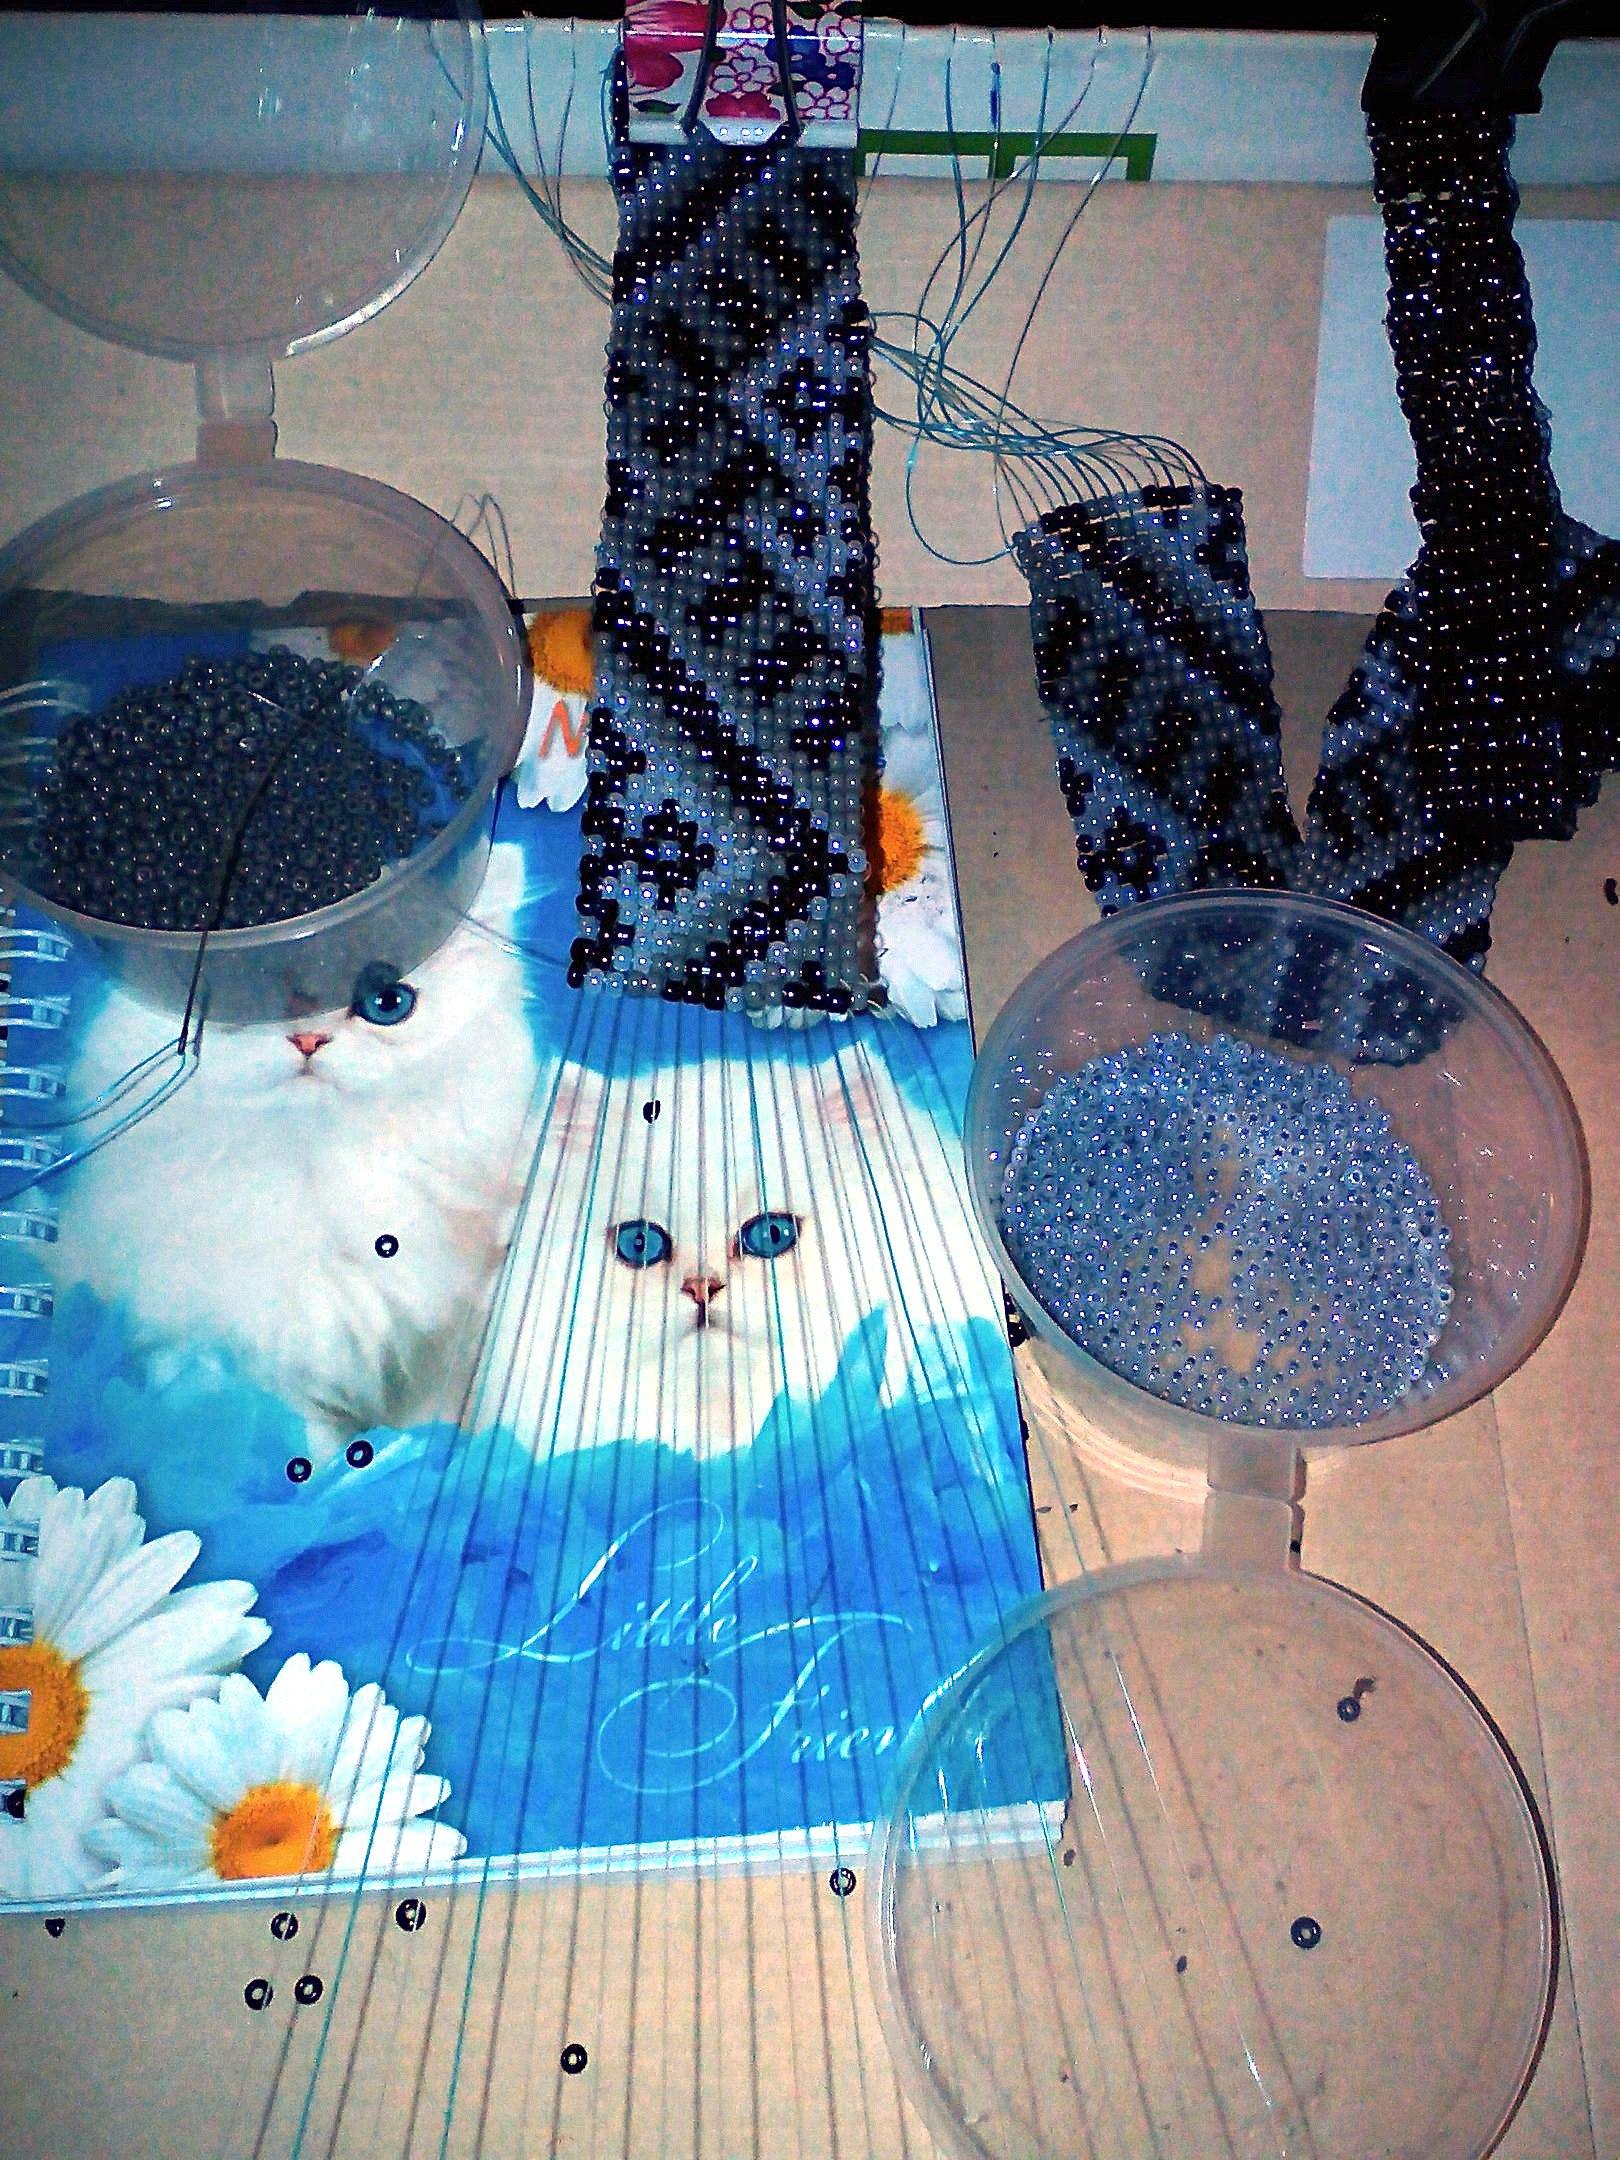 станок, станок для плетения, плетение бисером, гайтан, гердан, украшение, ожерелье, колье, бисер, плетение